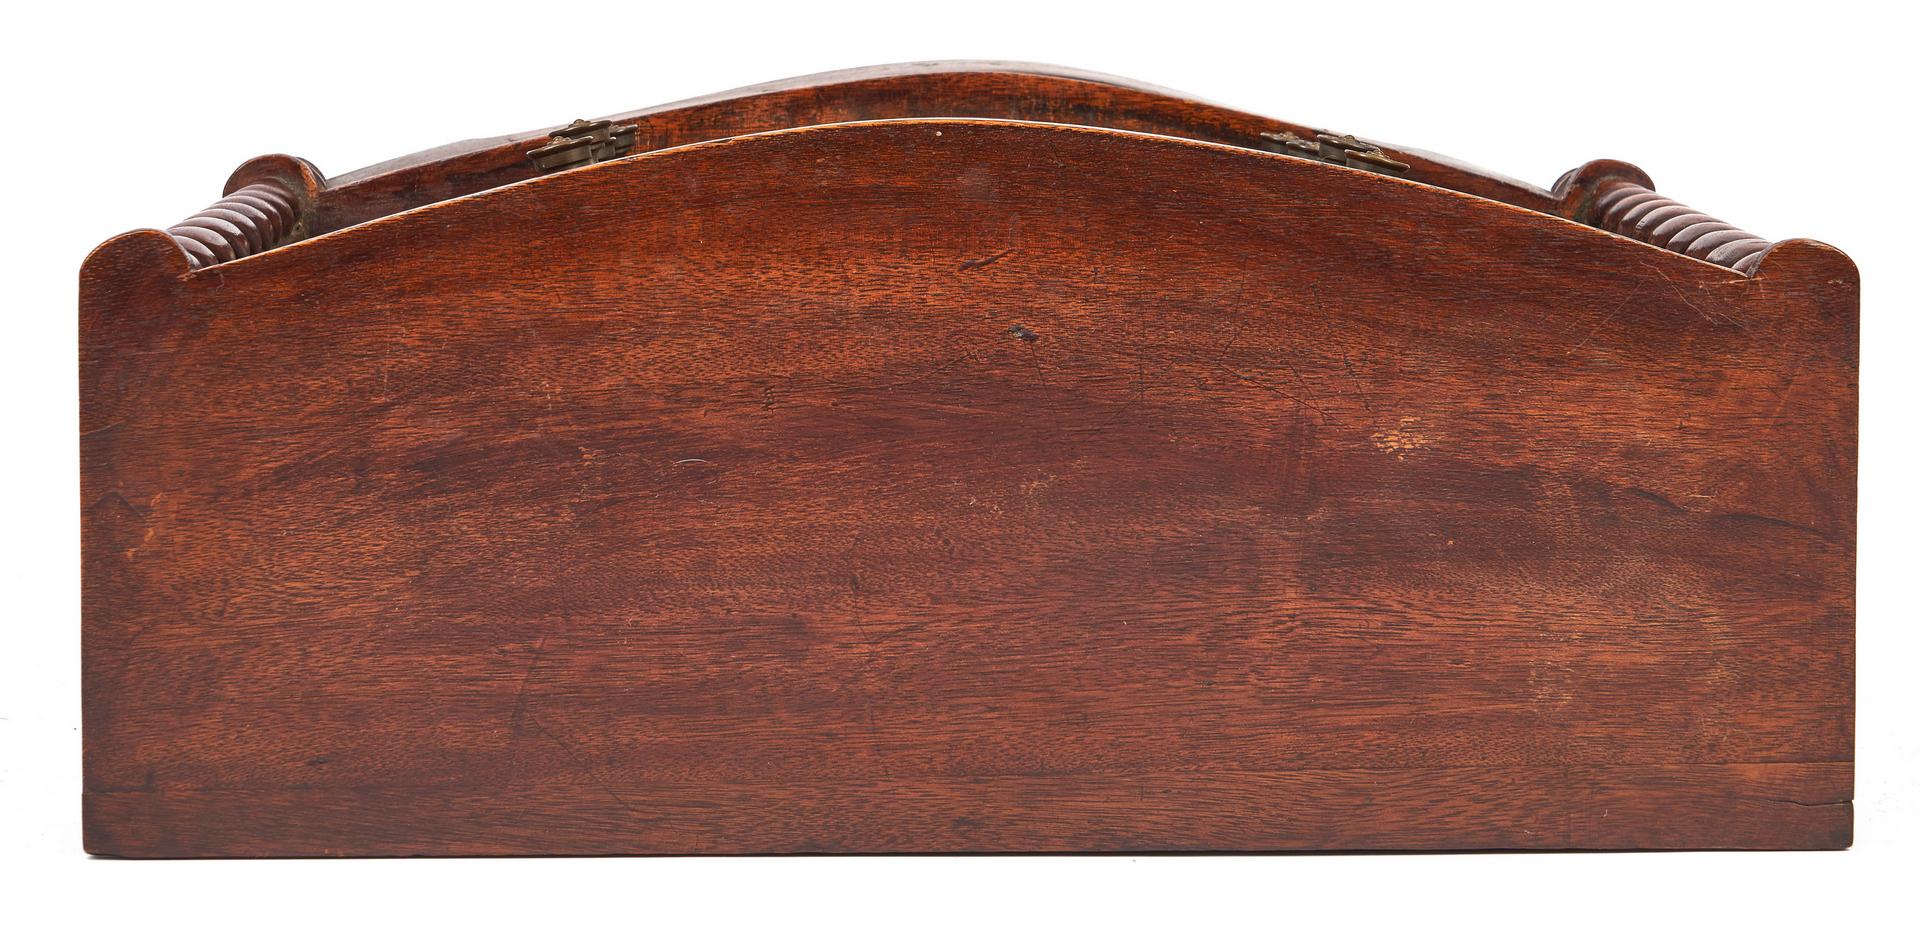 Lot 339: English Miniature Mahogany Chest